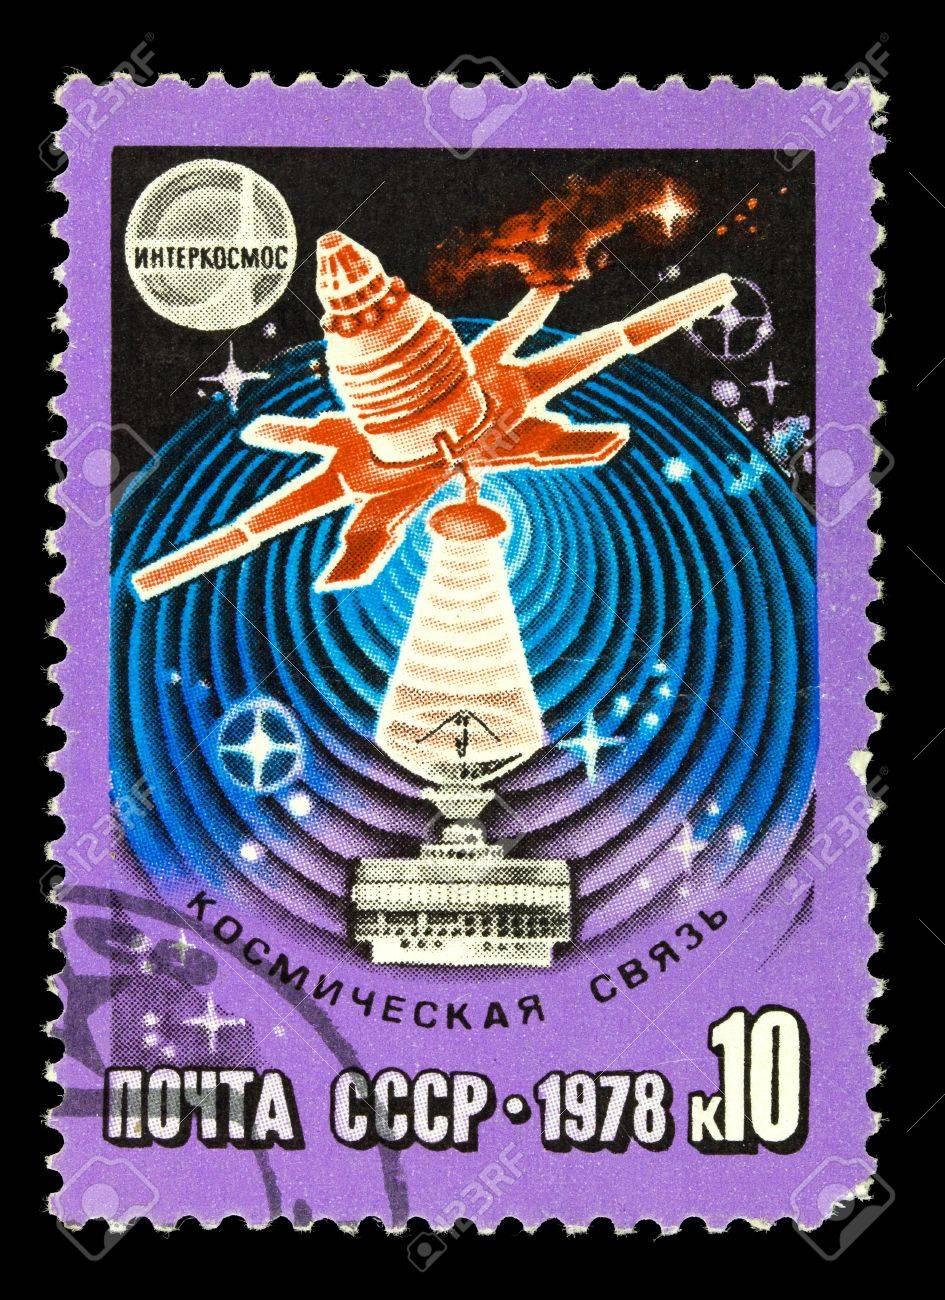 ソビエト連邦 - 1978 年頃: 切手...